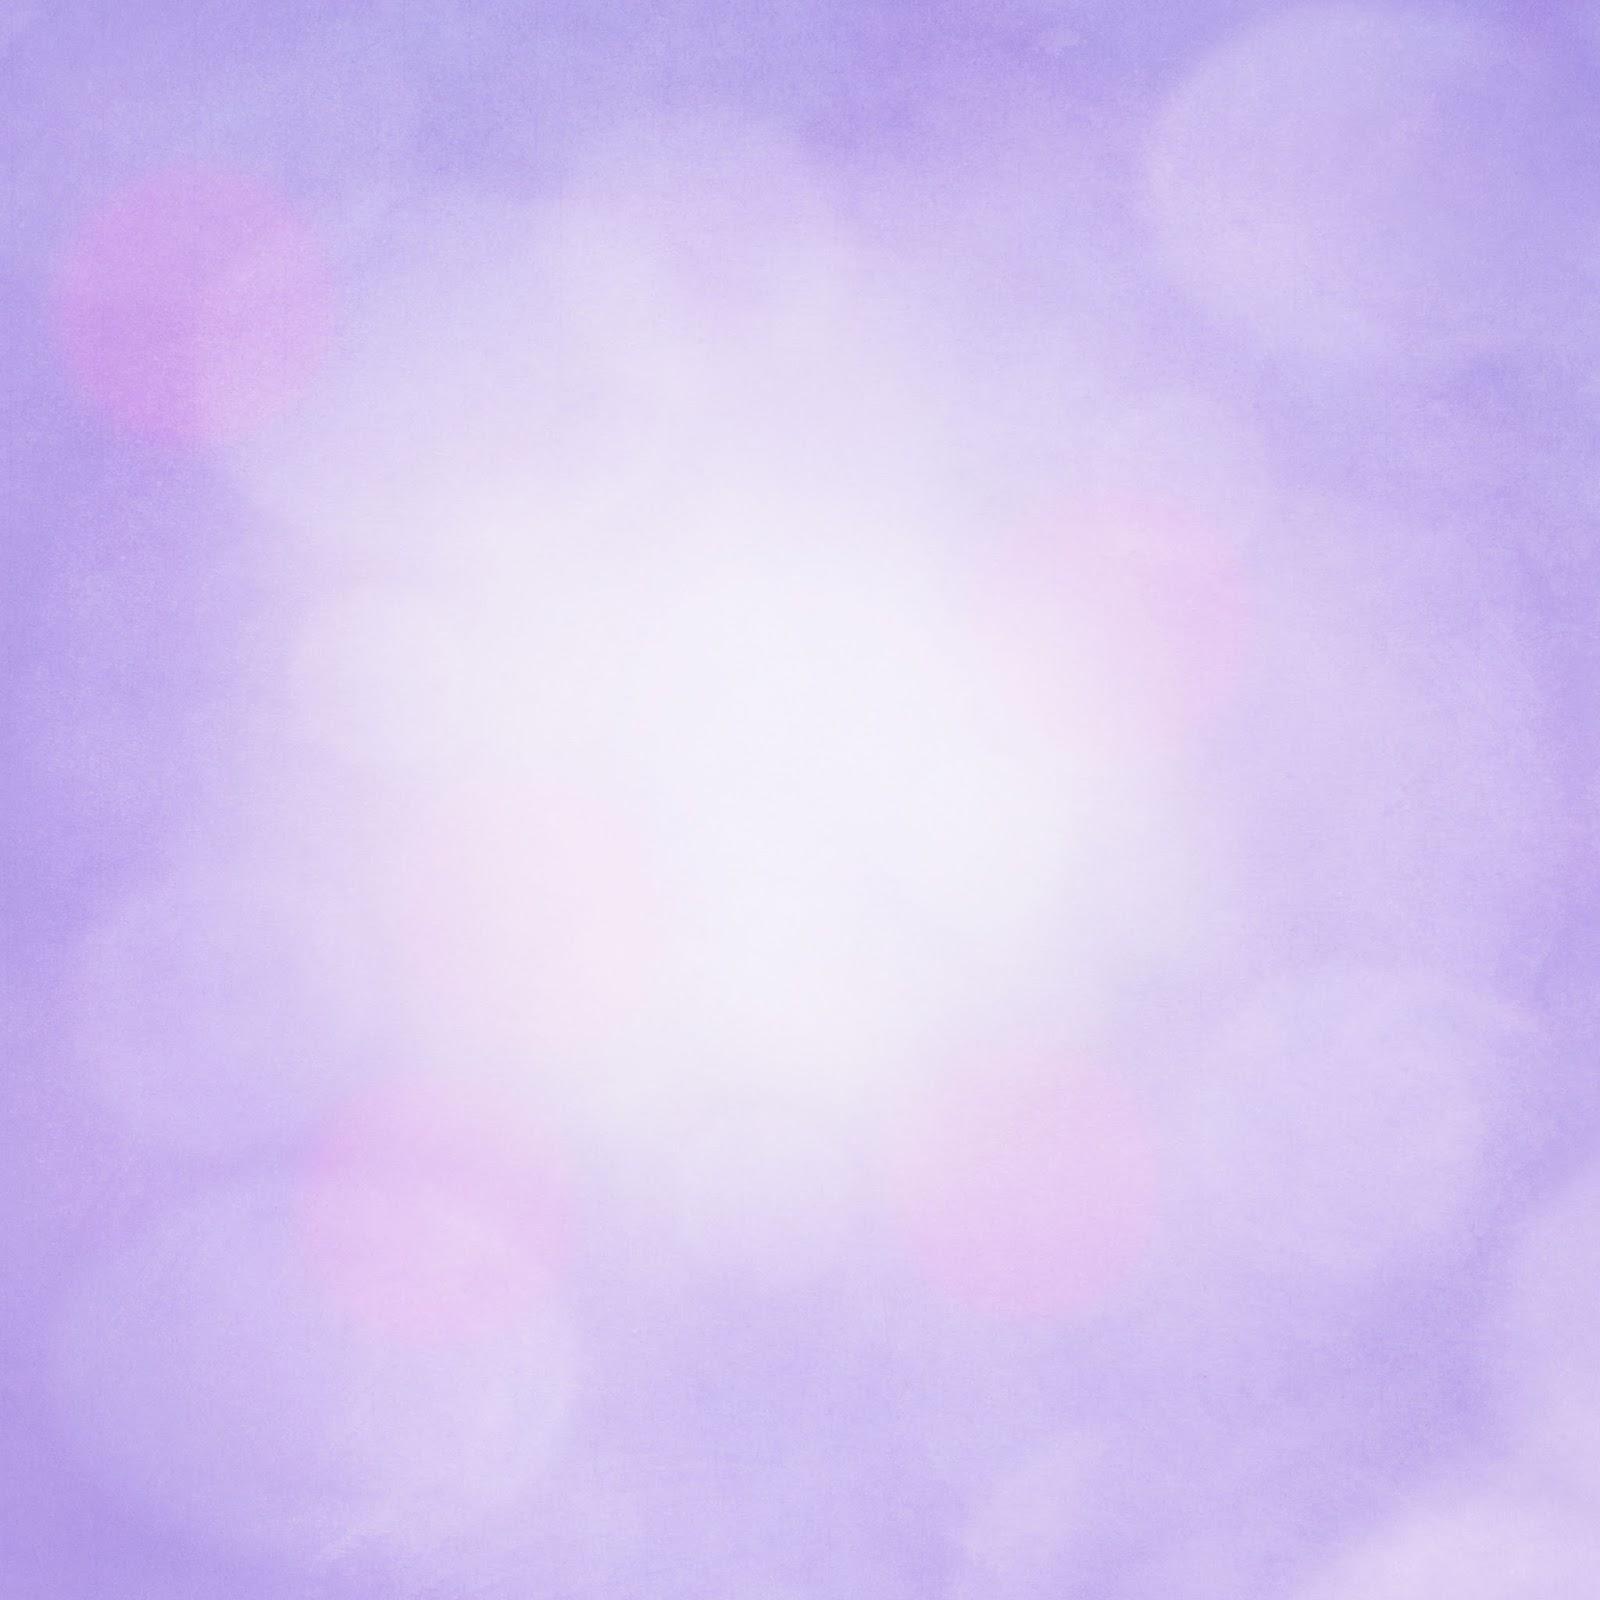 Gifs Y Fondos Paz Enla Tormenta Imagenes De Texturas De Color - Color-lila-pastel